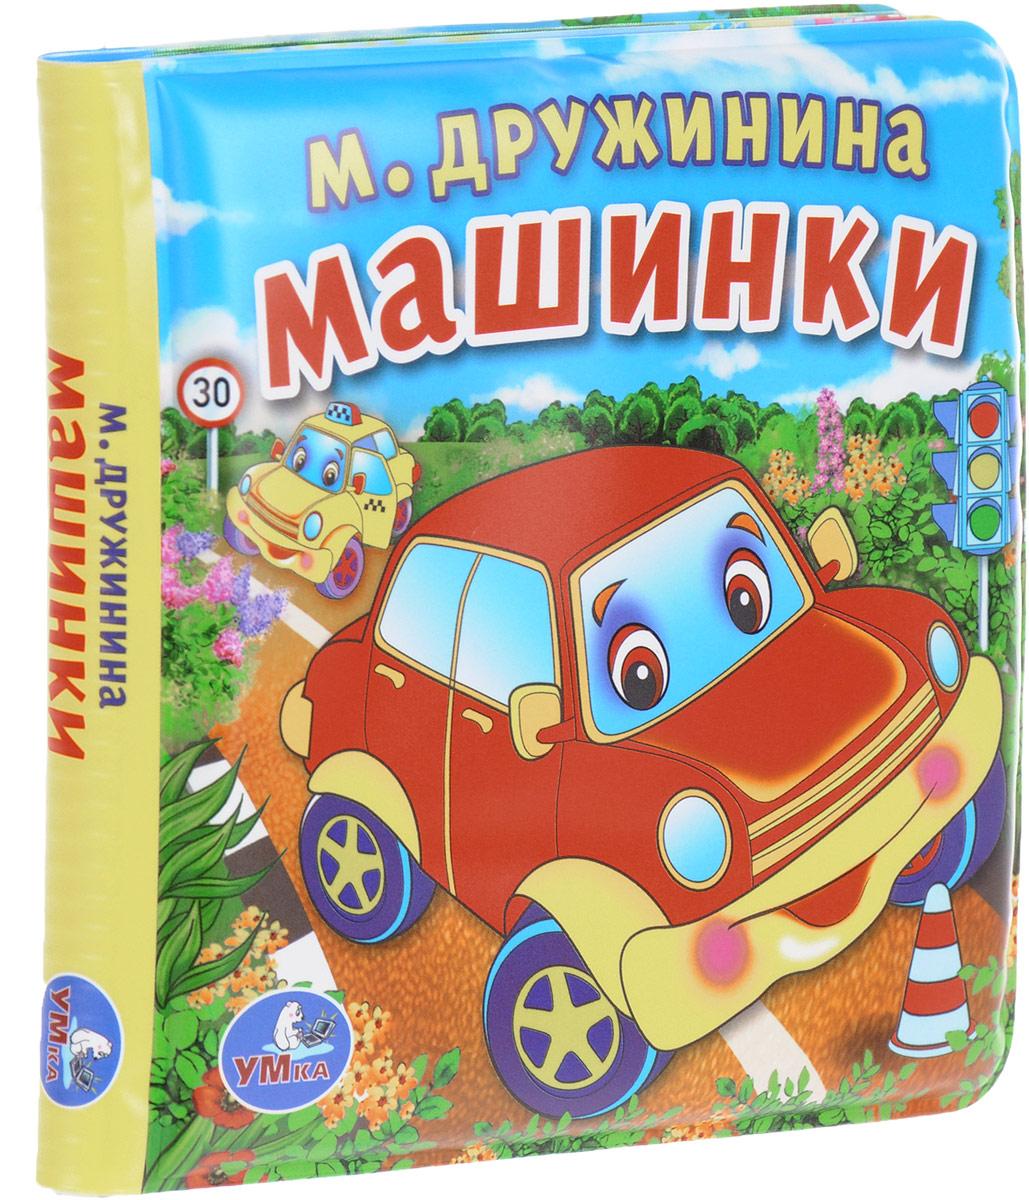 М. Дружинина Машинки. Книжка-пищалка для ванны любимые сказки книга пищалка для ванны